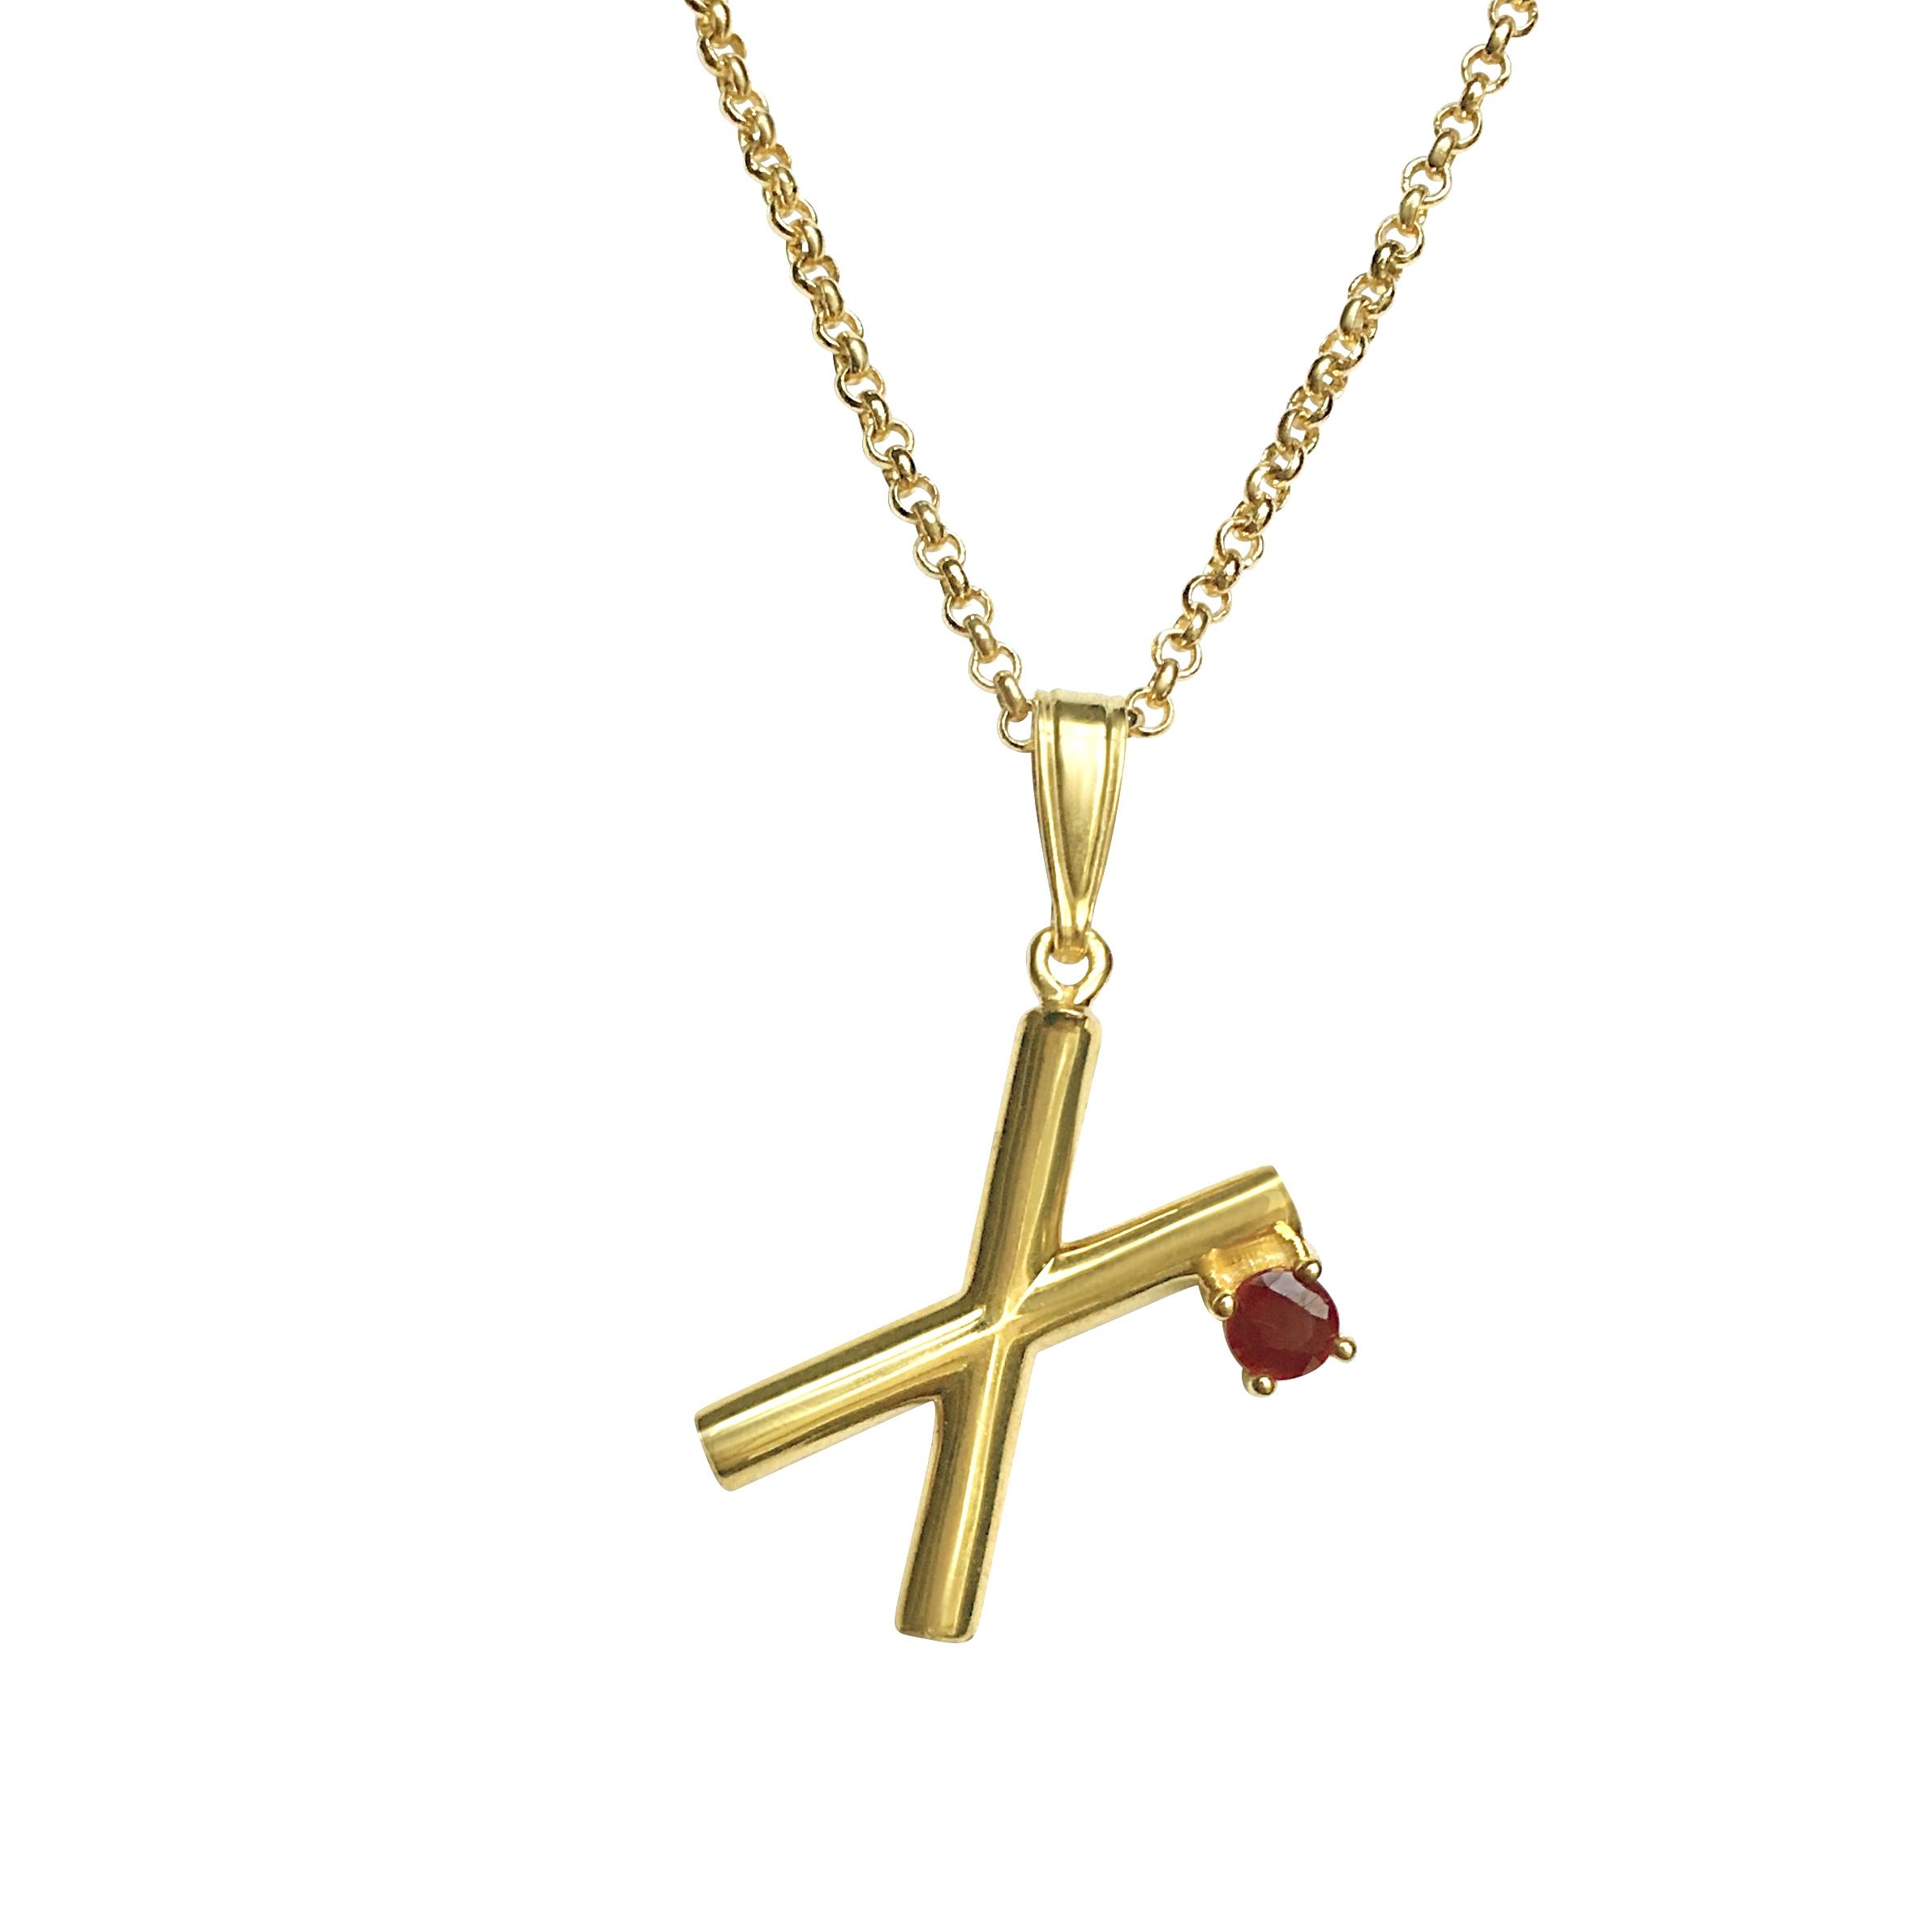 ISABEL ENGLEBERT Runes Love Necklace